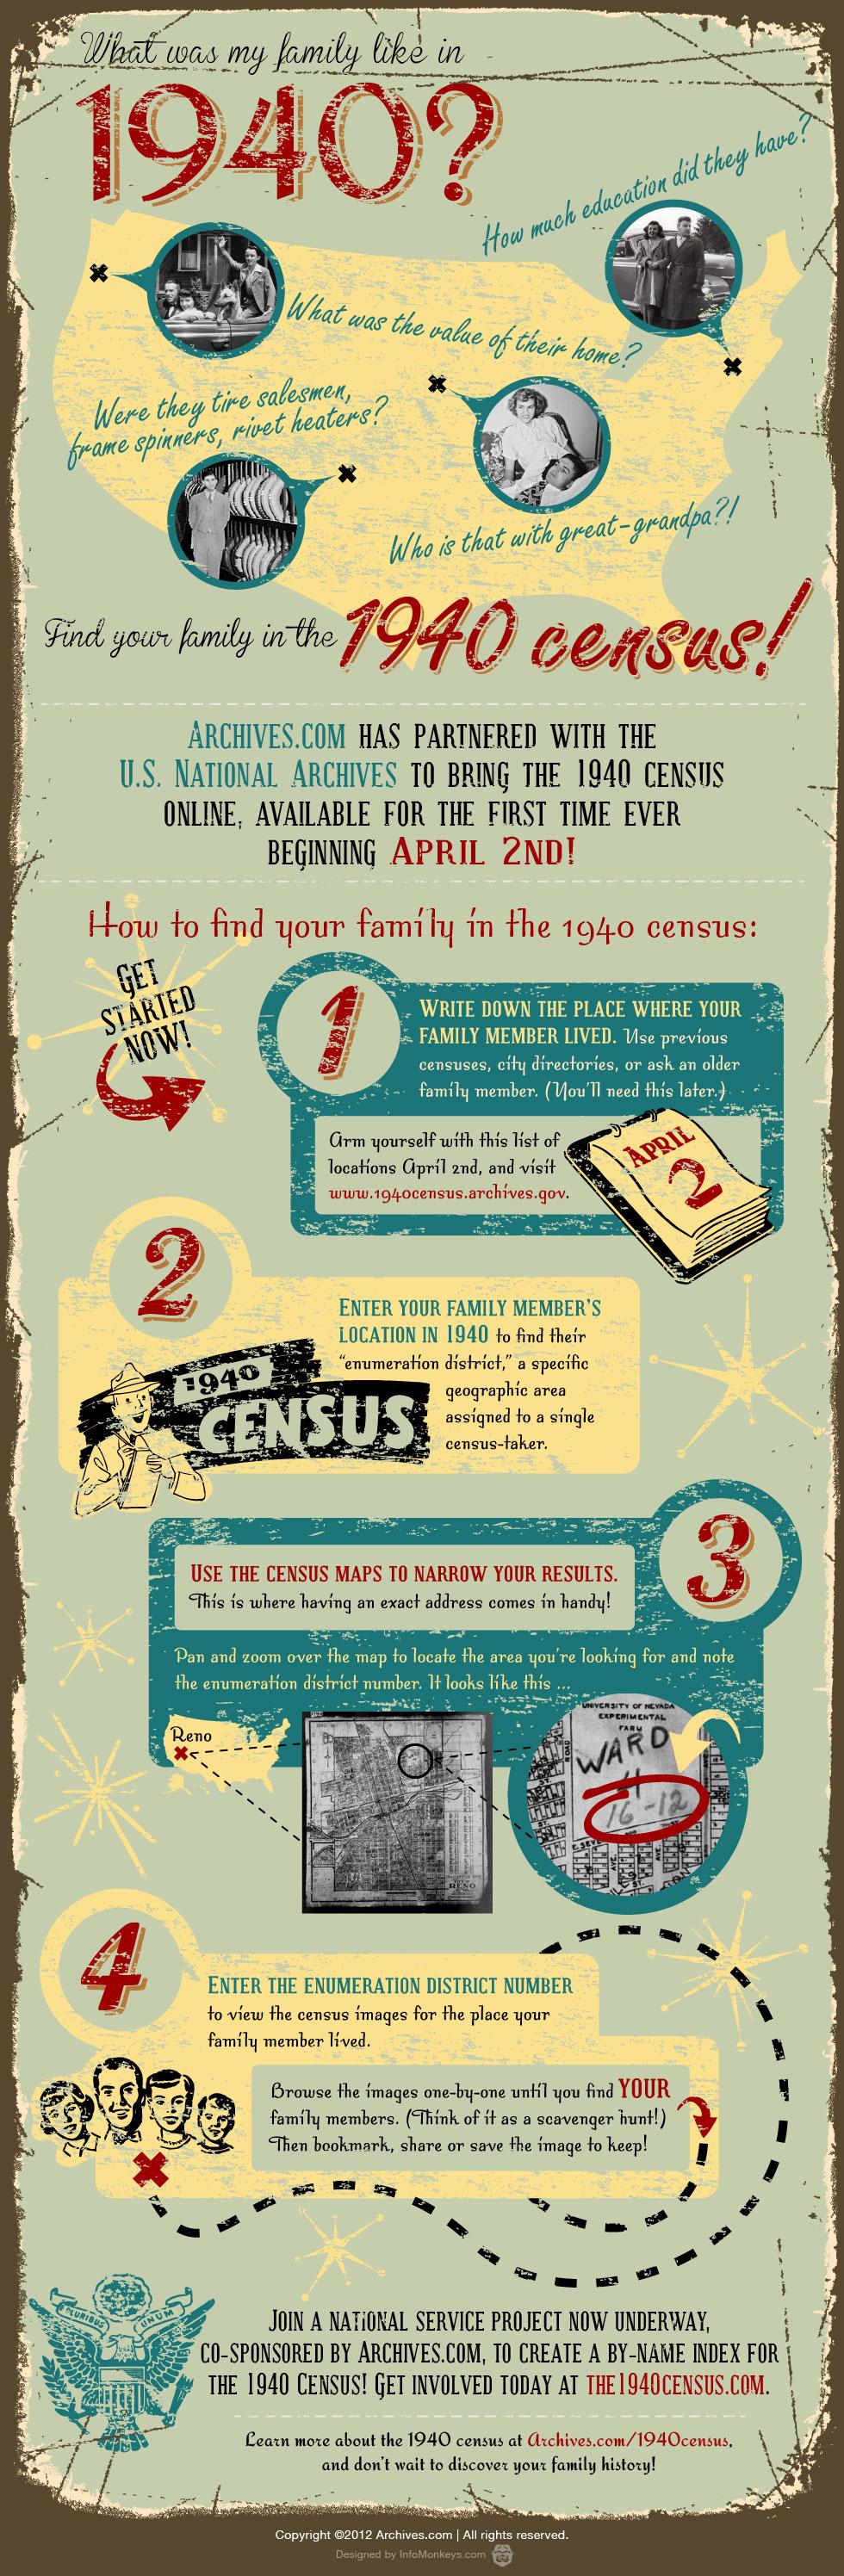 1940 census archives.com